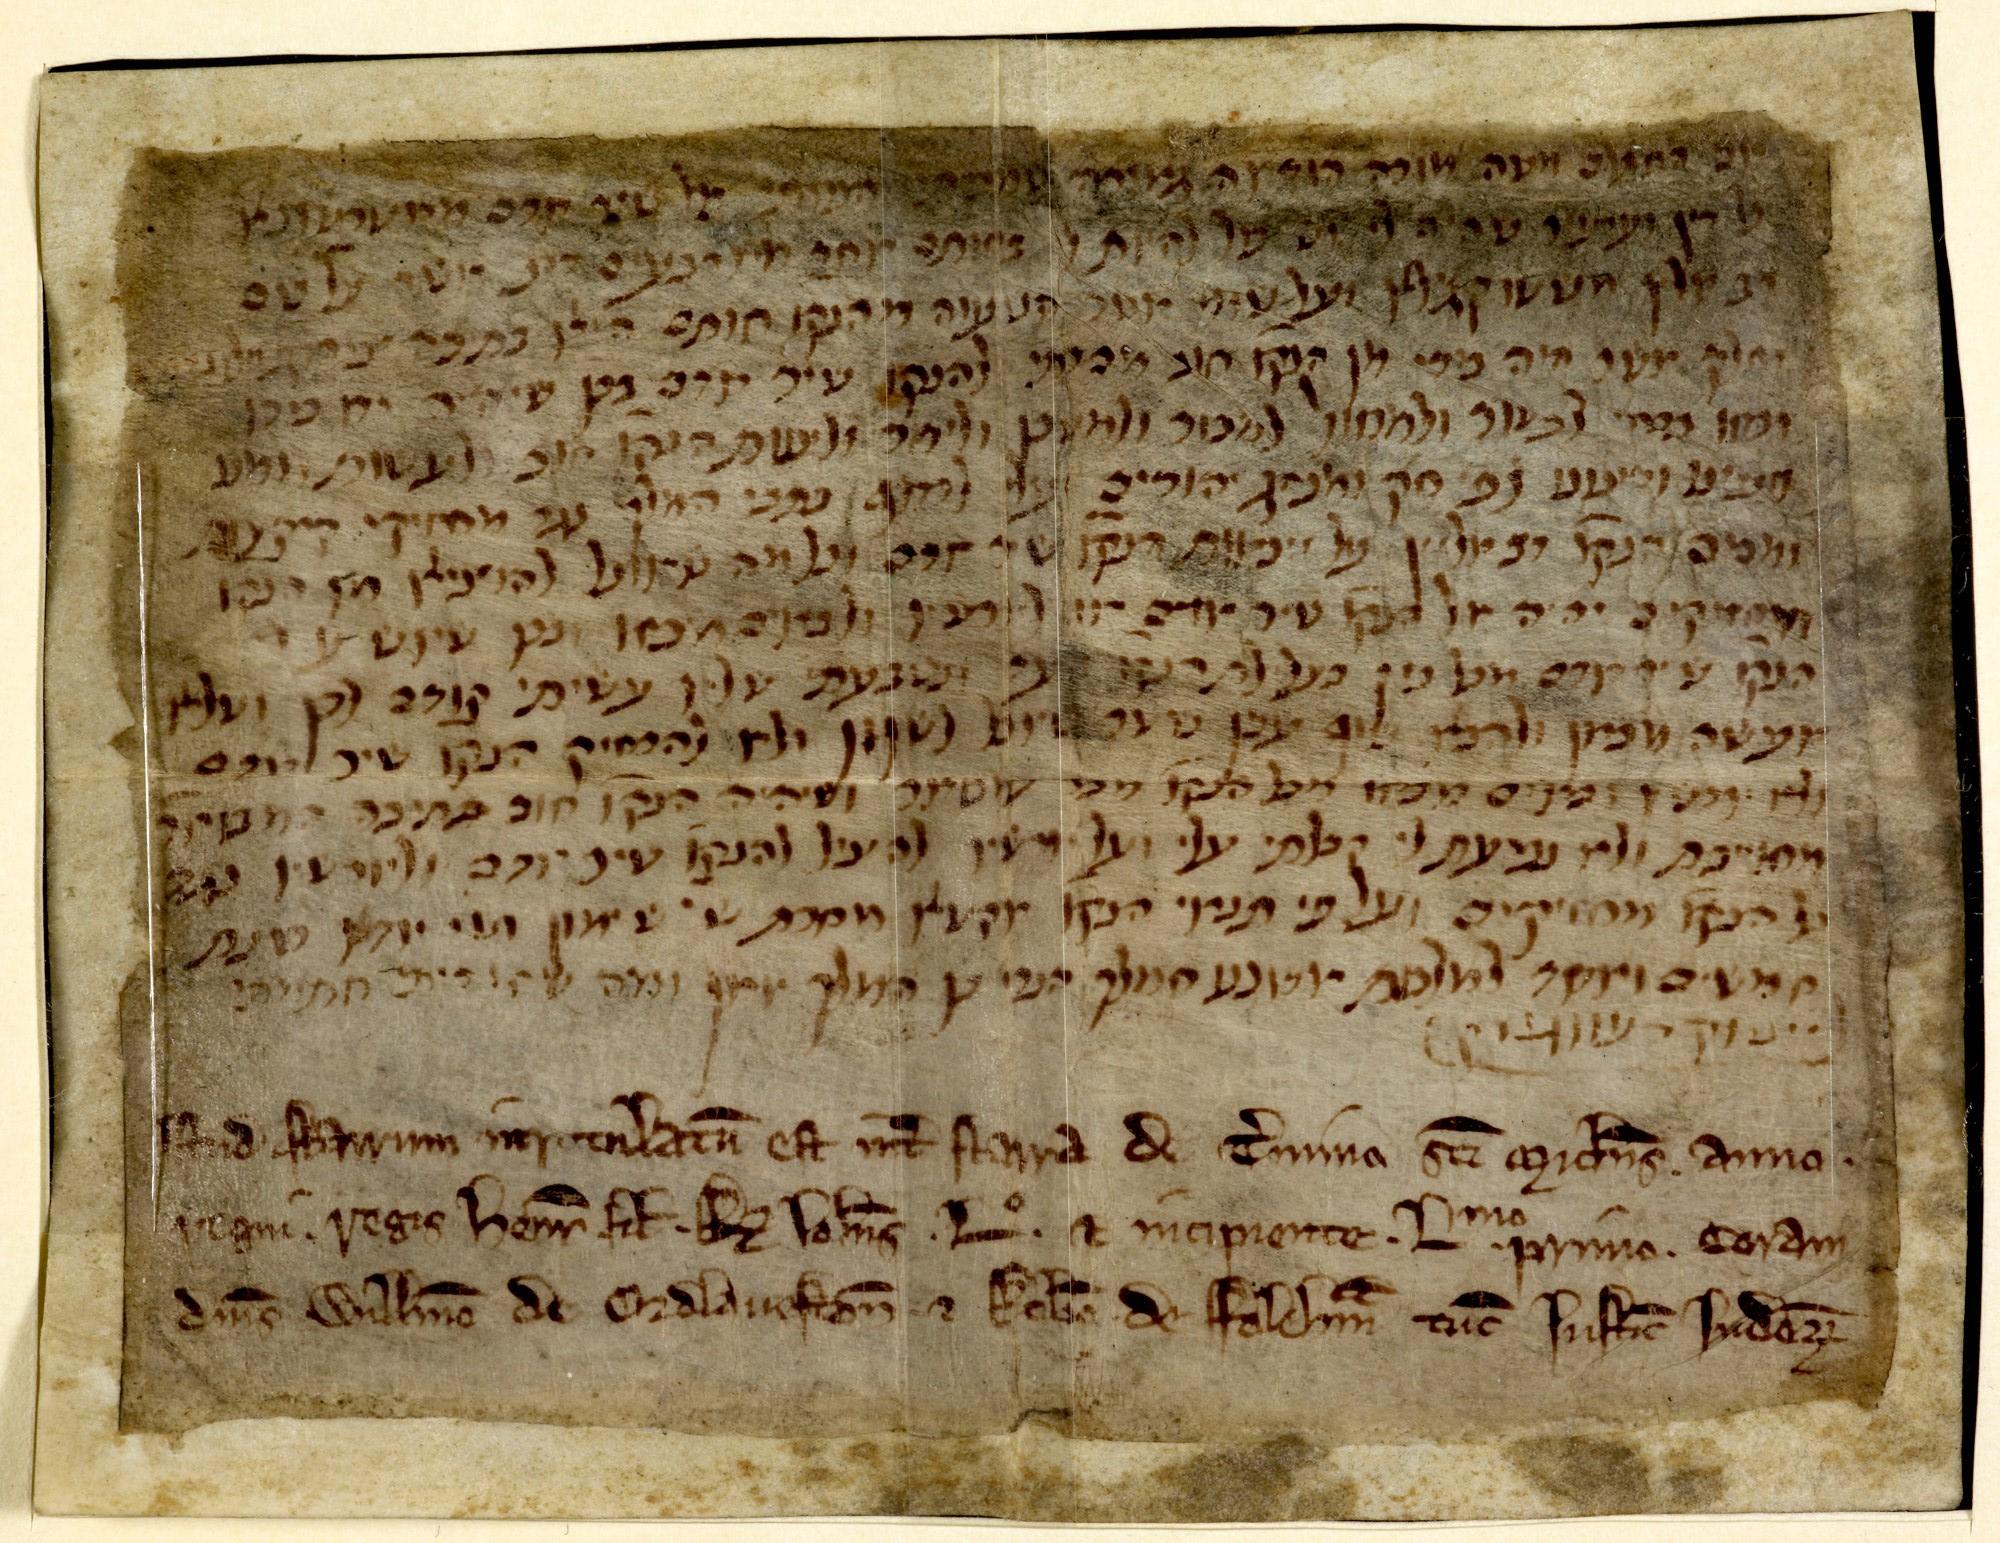 Hebrew Charters describing Jews in Medieval England